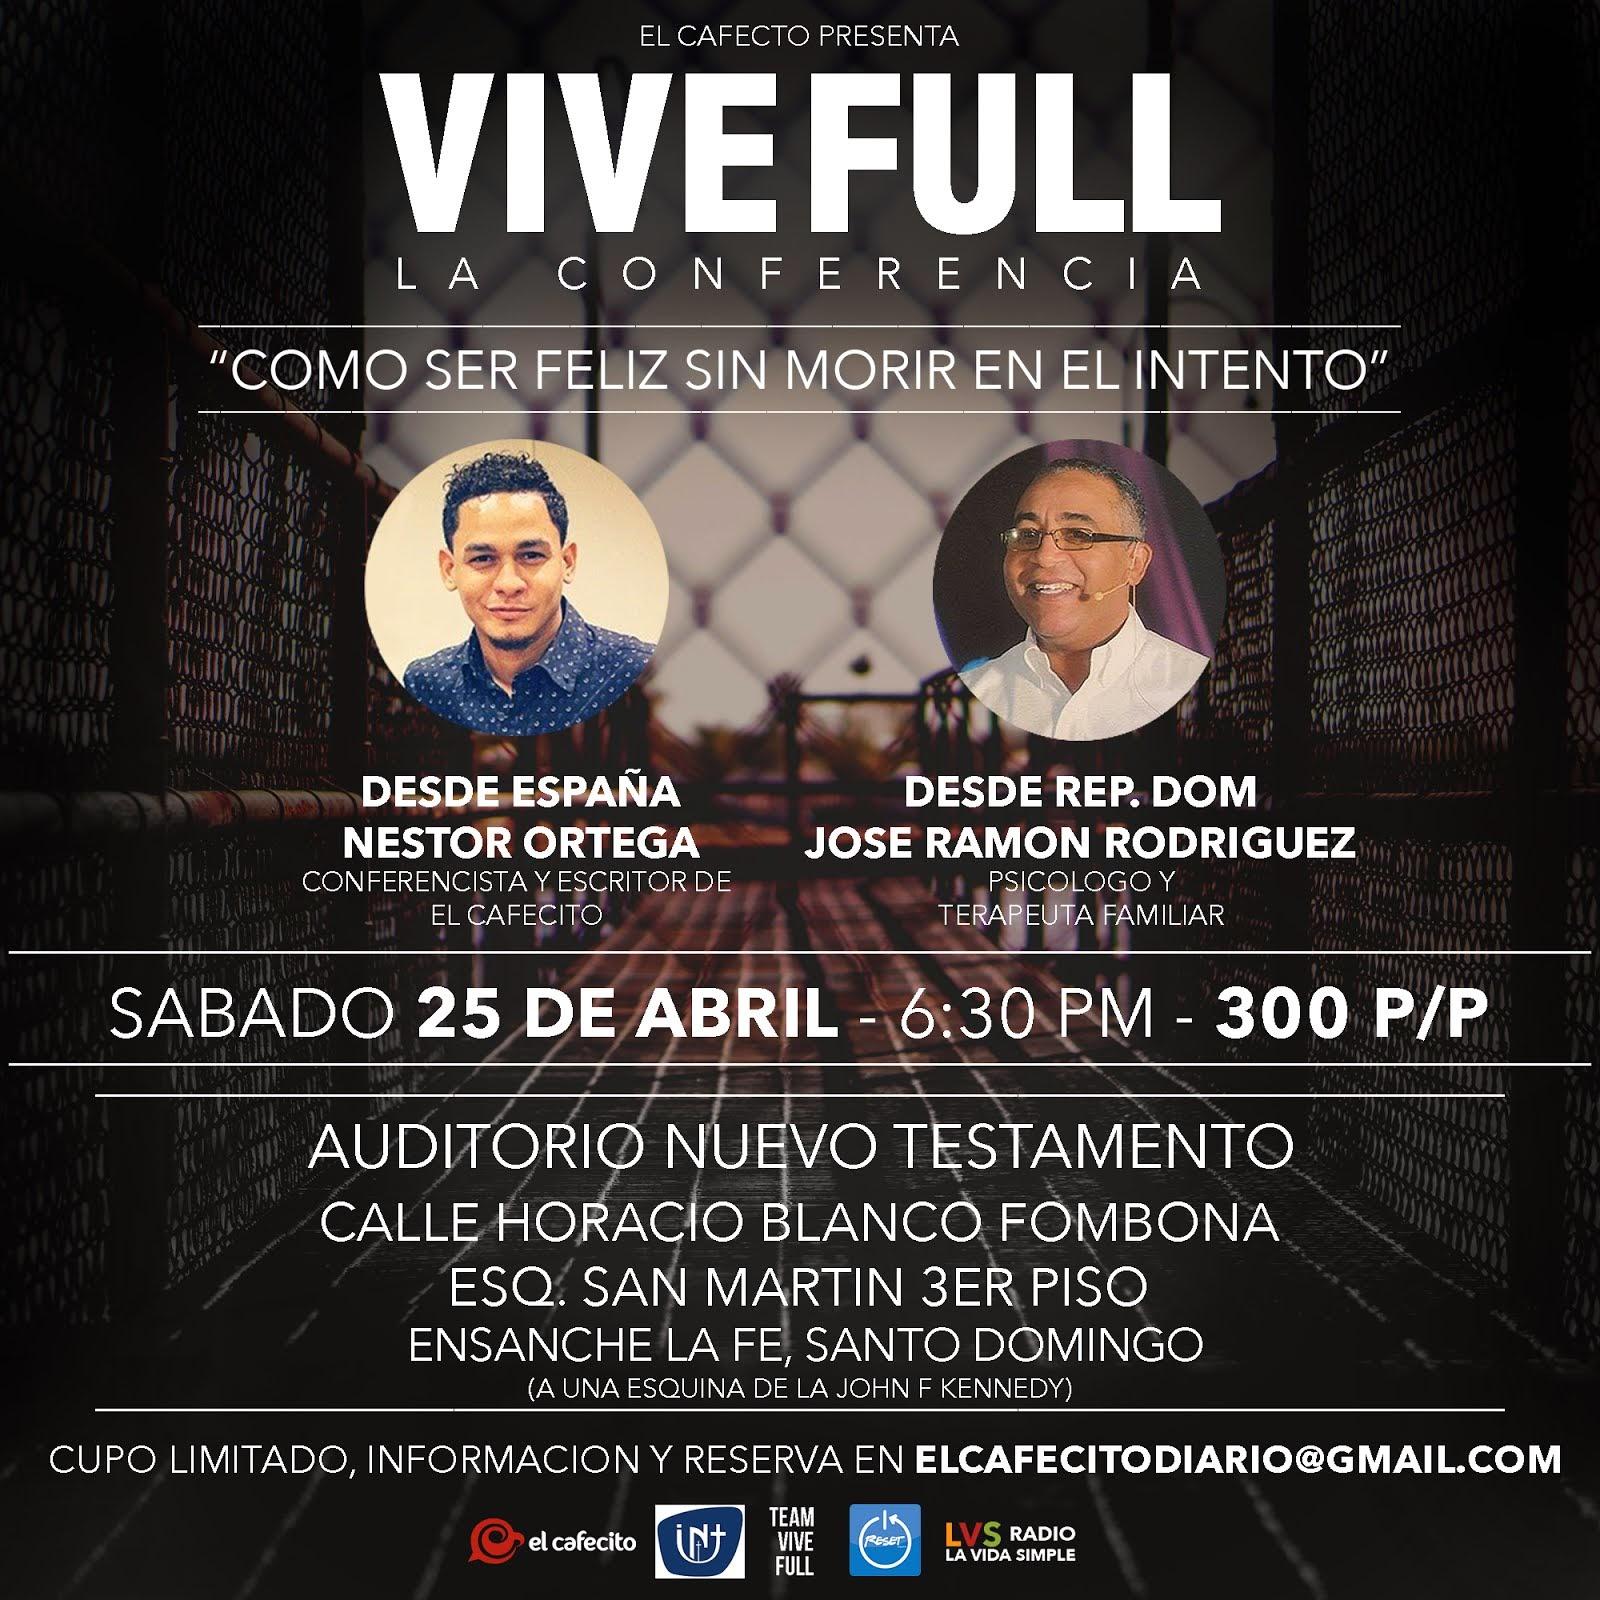 Conferencia #ViveFull